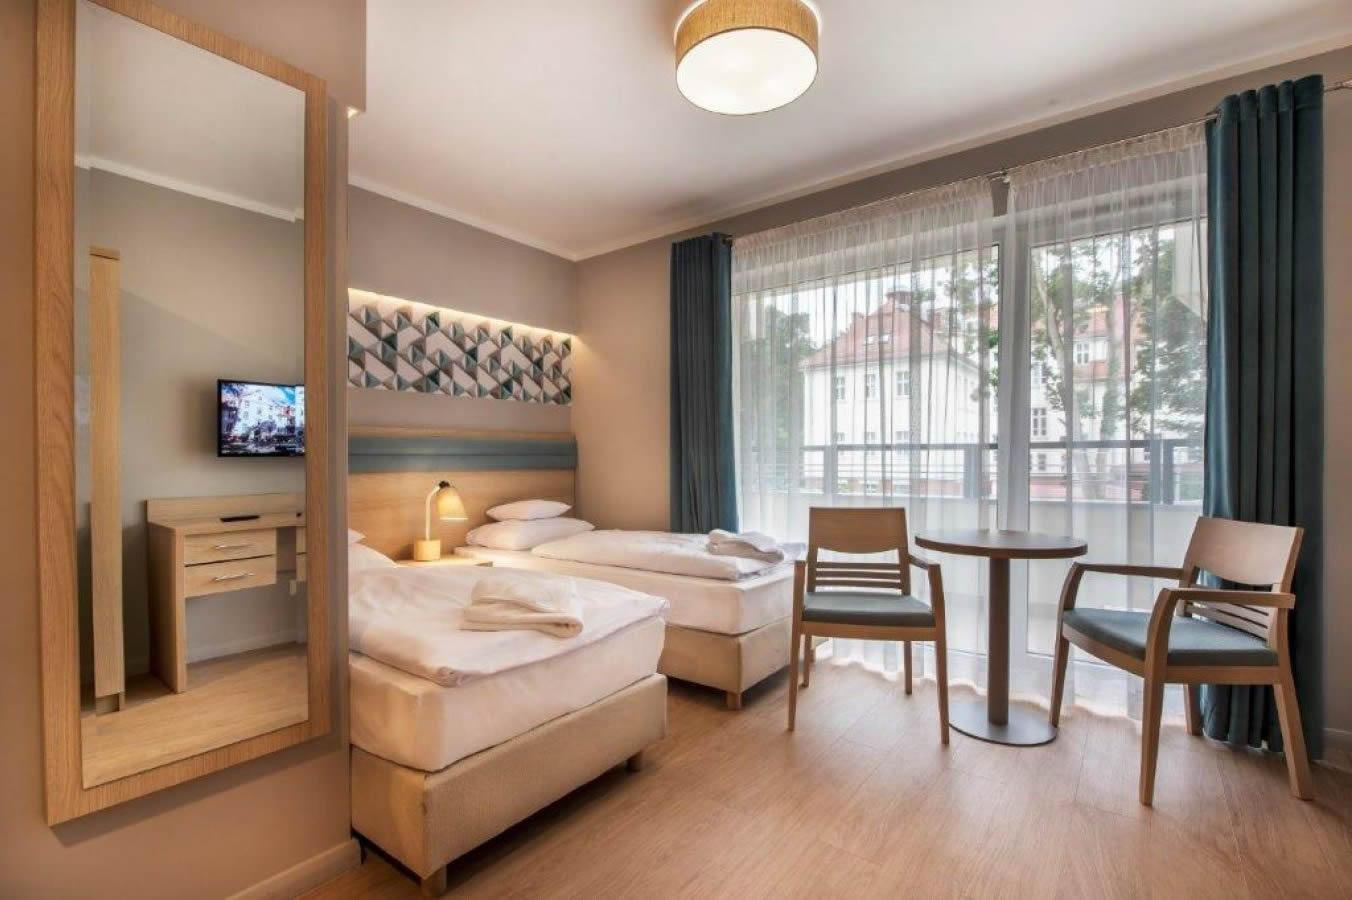 Resort Doppelzimmer